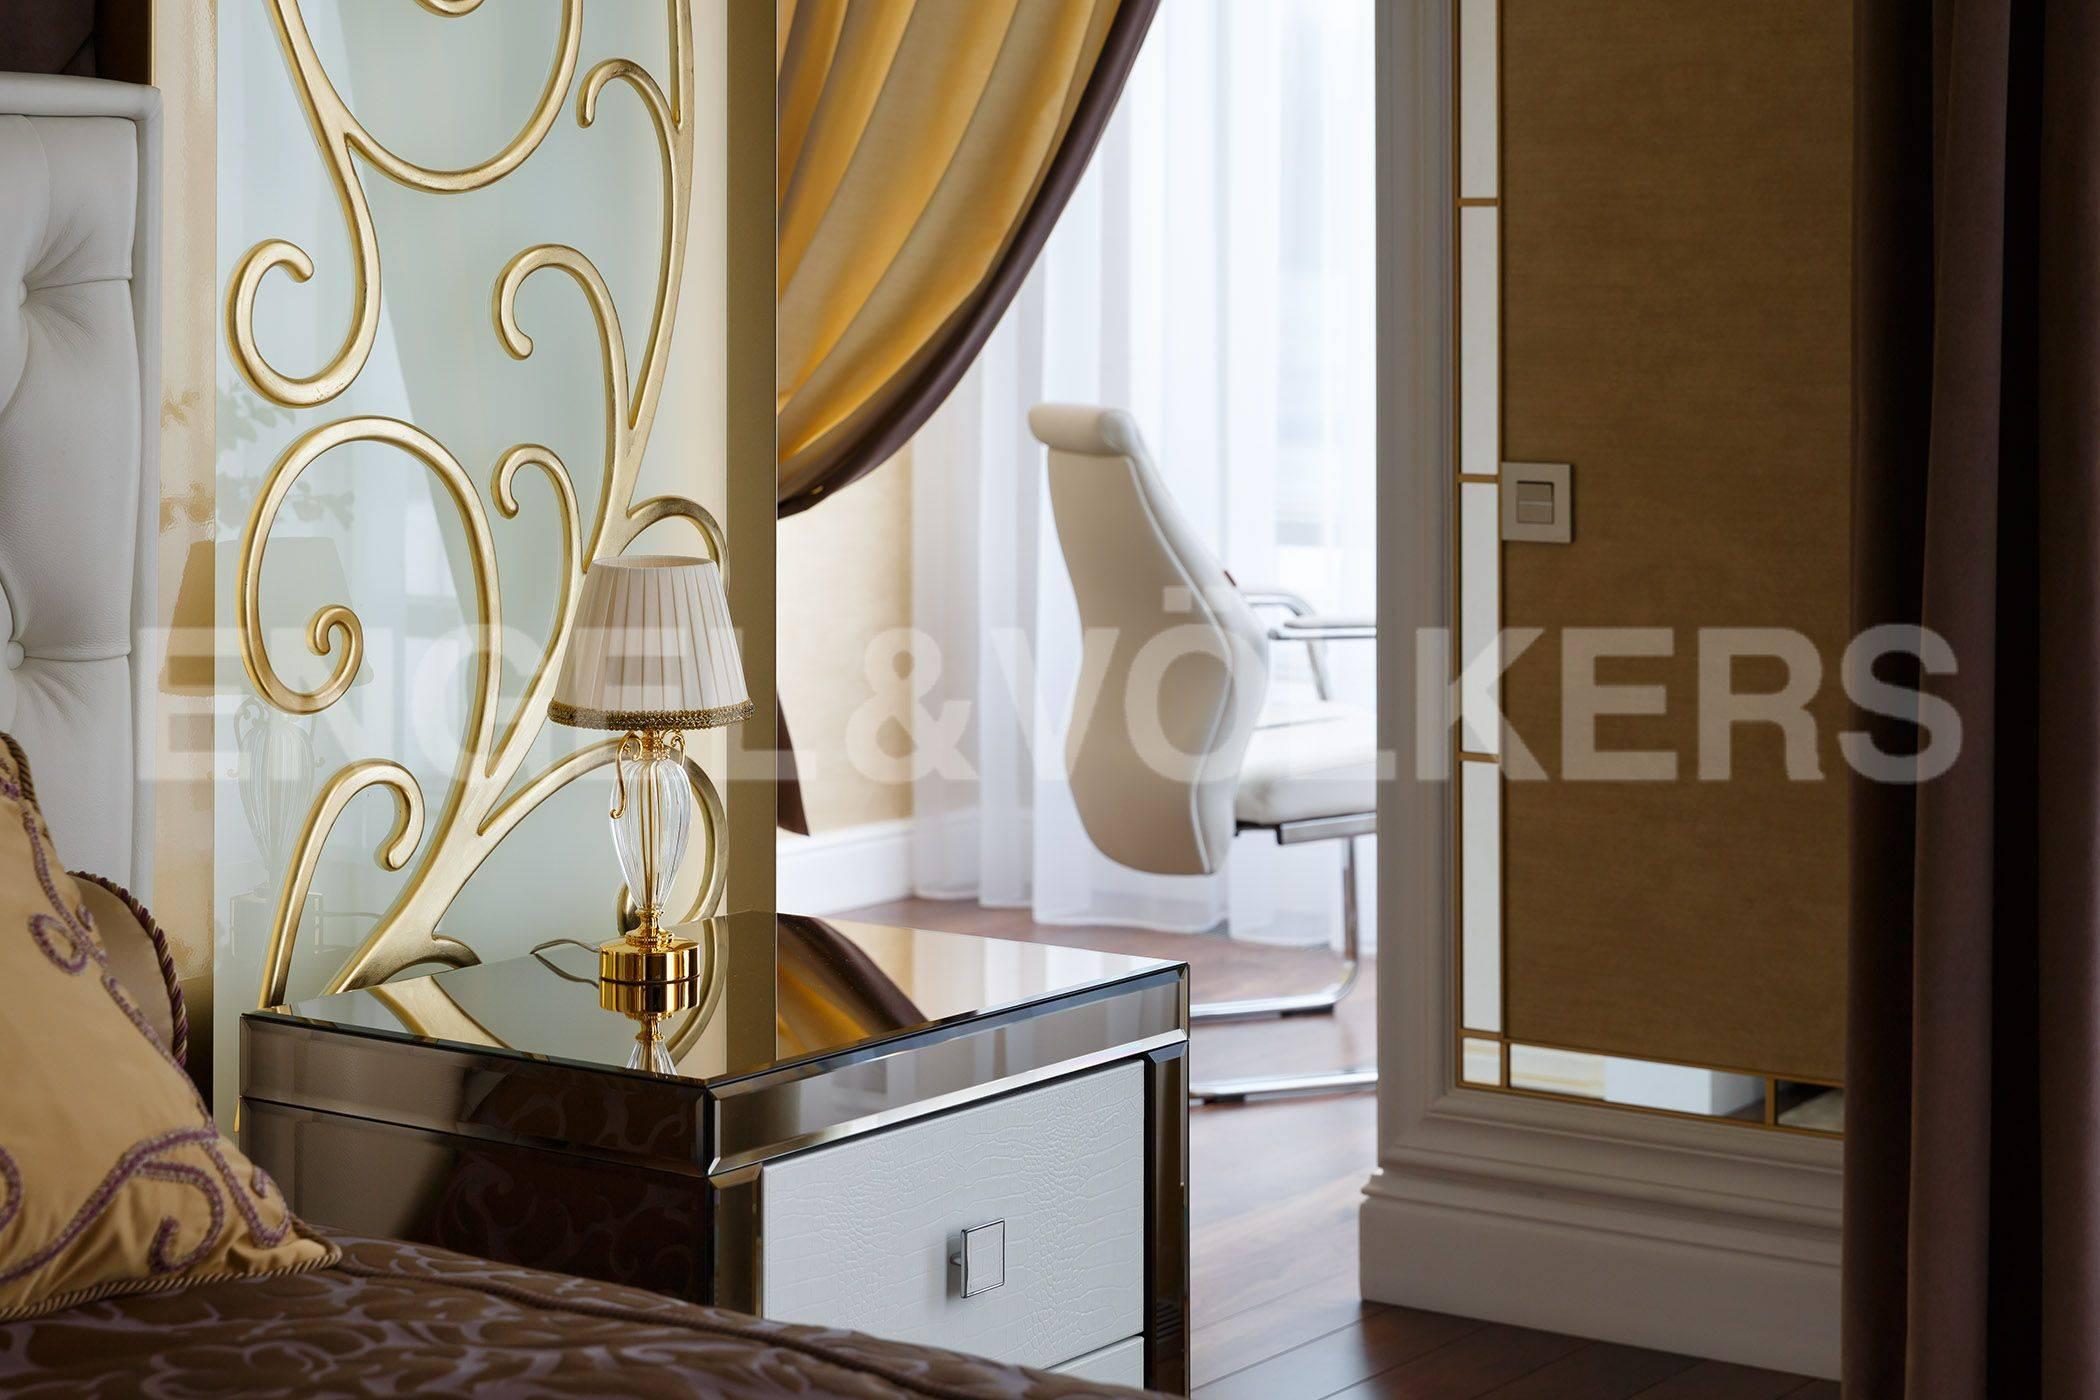 Элитные квартиры на Крестовском острове. Санкт-Петербург, Константиновский, 23. Выход к зоне кабинета при спальне